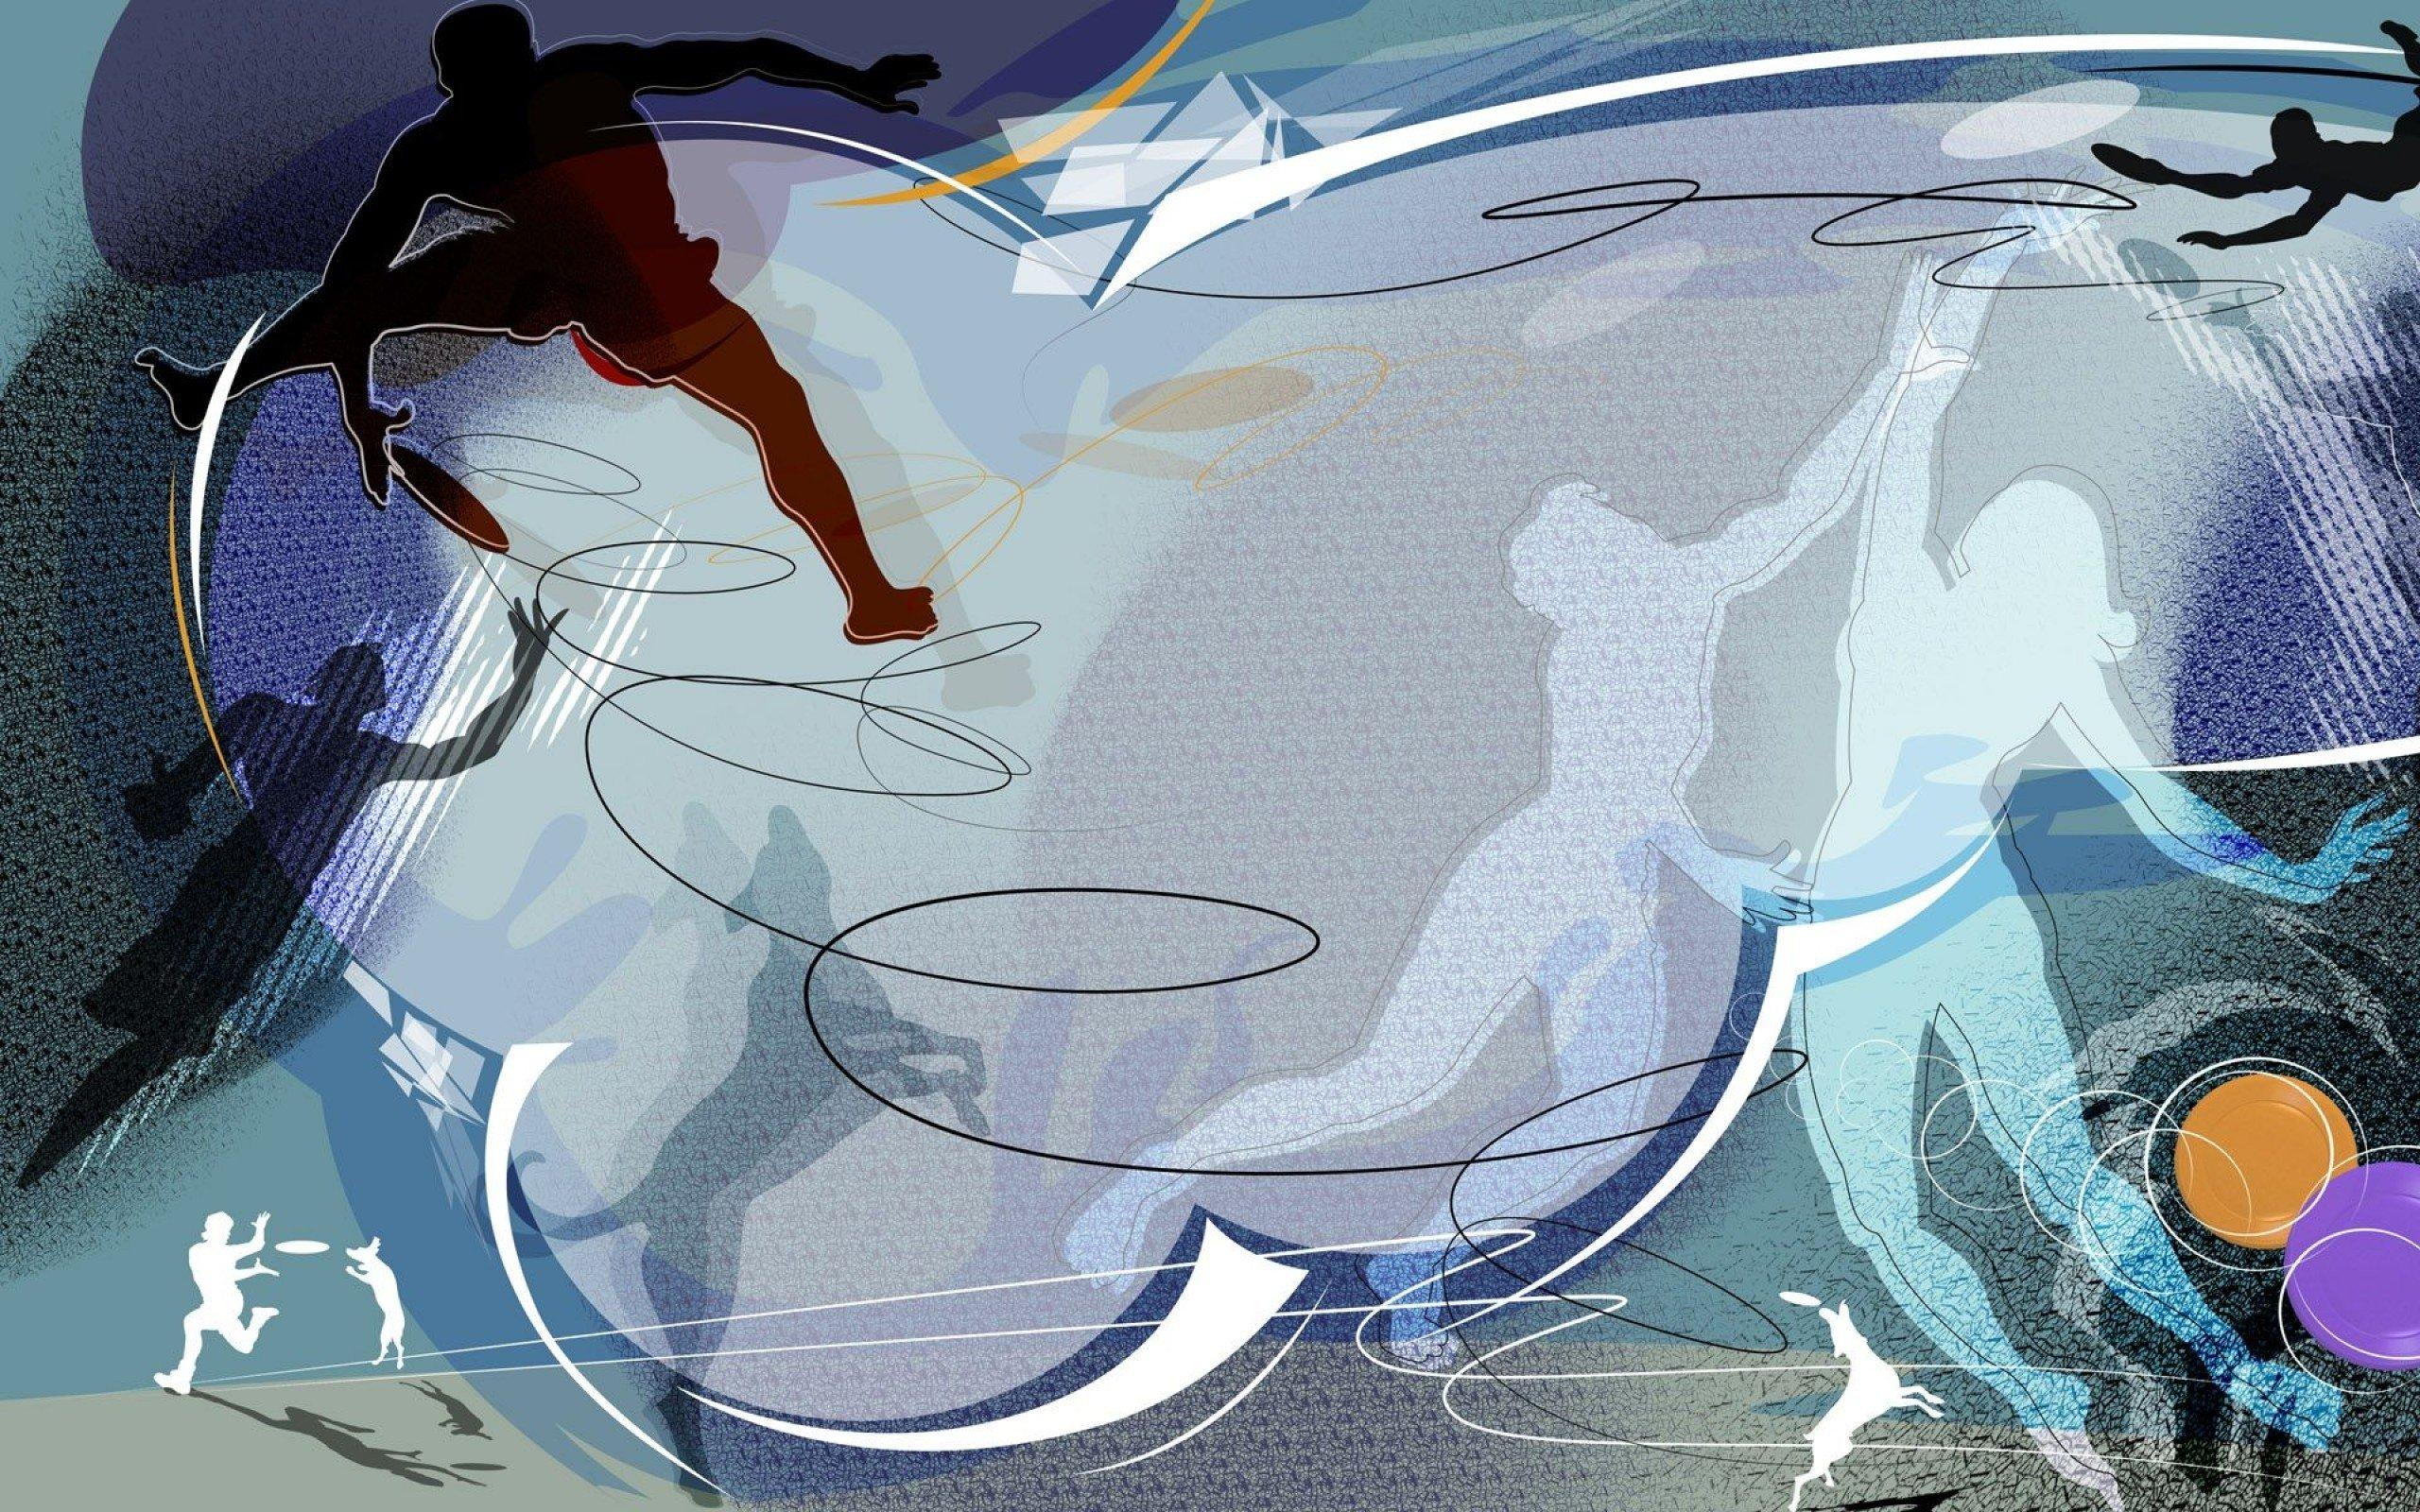 этой серии бело синие фотообои про спорт схемы для